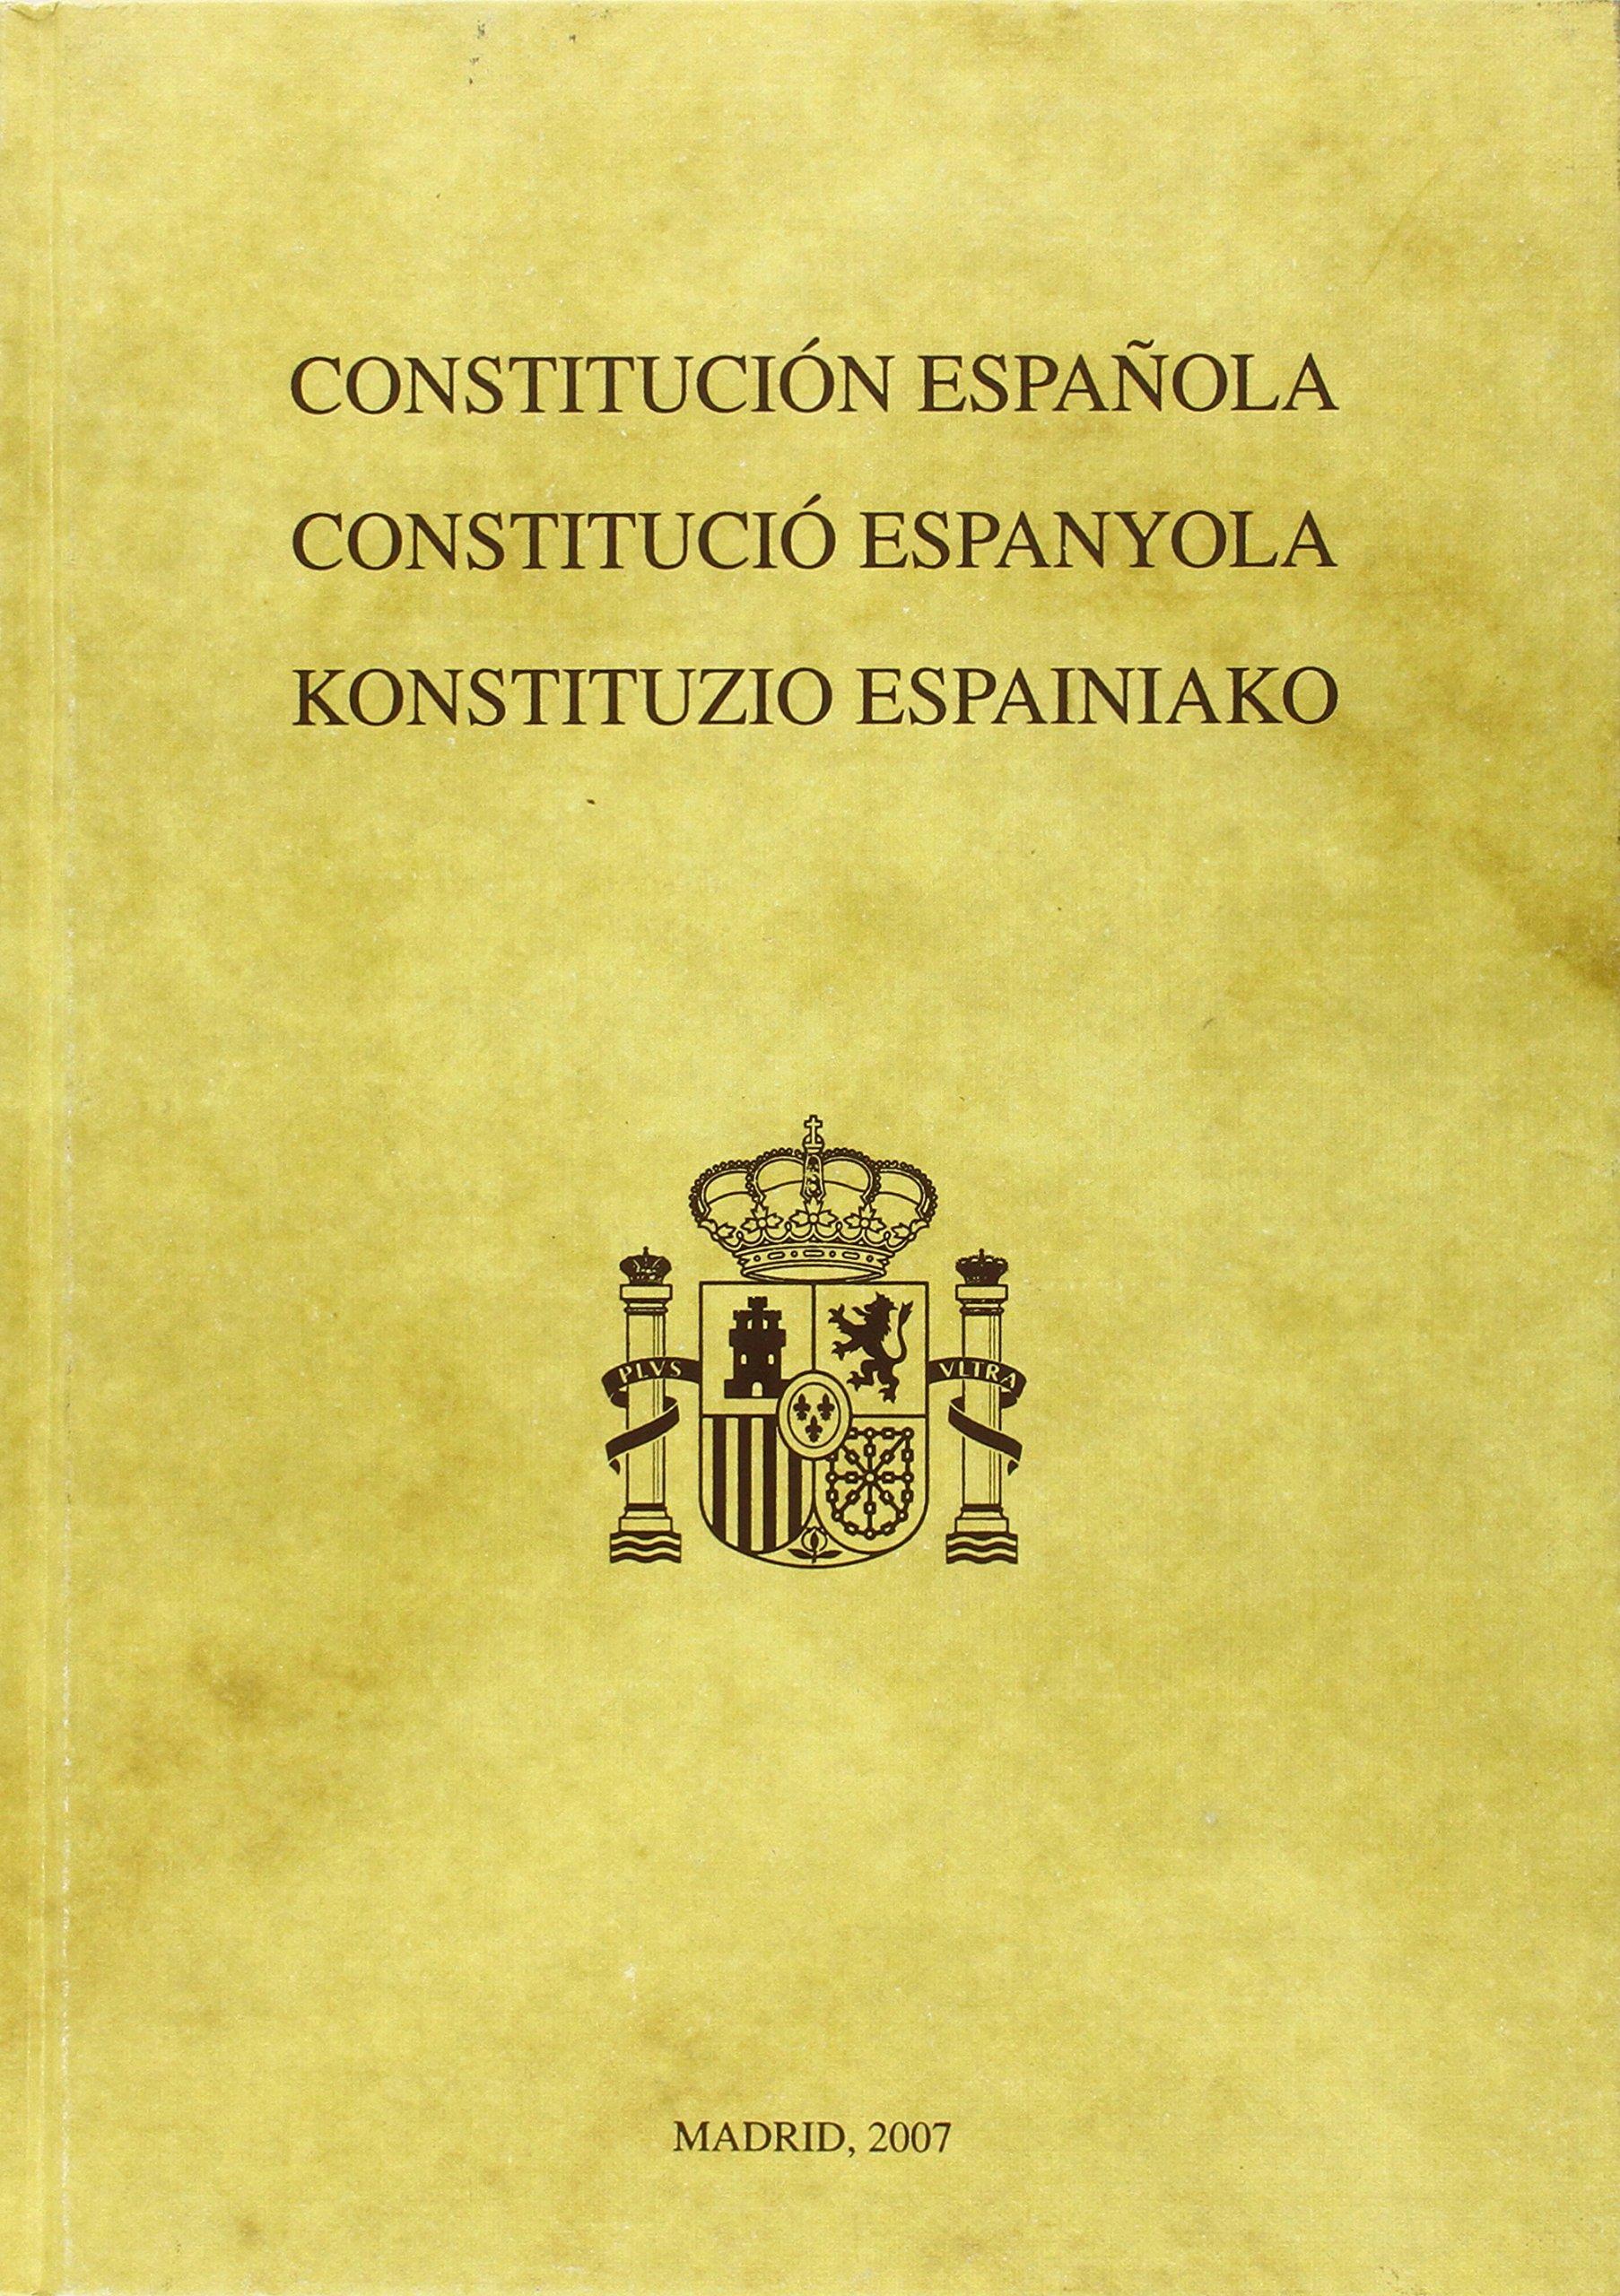 Constitución Española. Edición facsímil Textos Históricos: Amazon.es: Libros